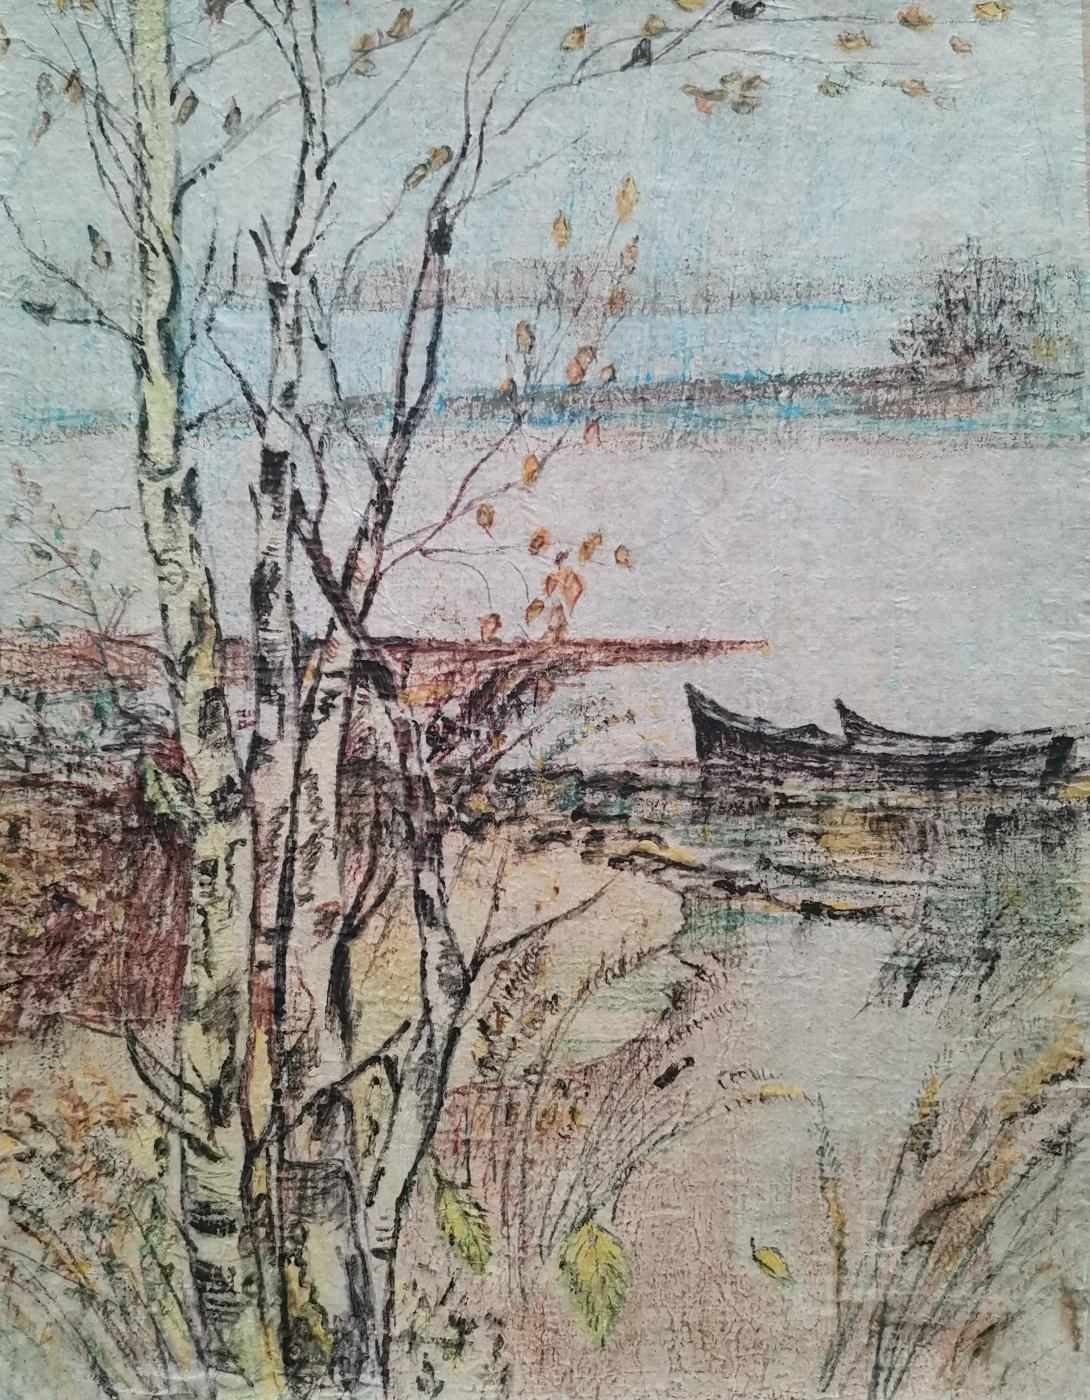 Yuri Ivanovich Tsvetkov. Autumn landscape